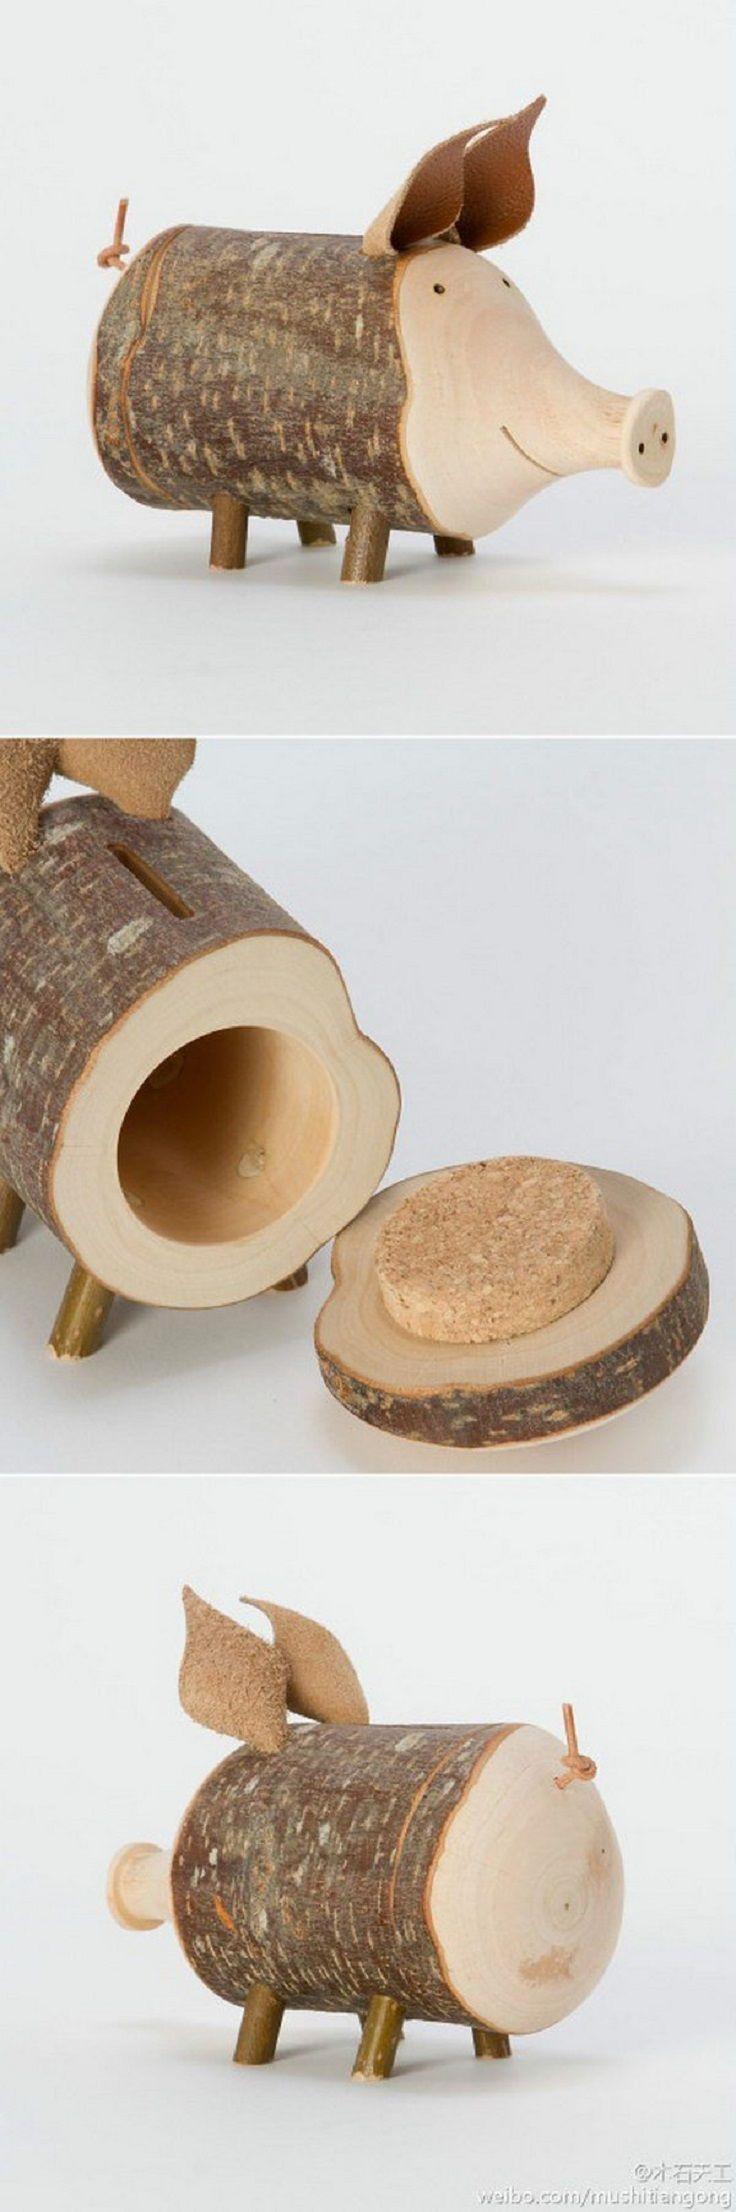 Holz wurde schon lange als künstlerisches Medium genutzt. Es wurde verwendet, um Skulptur zu machen -